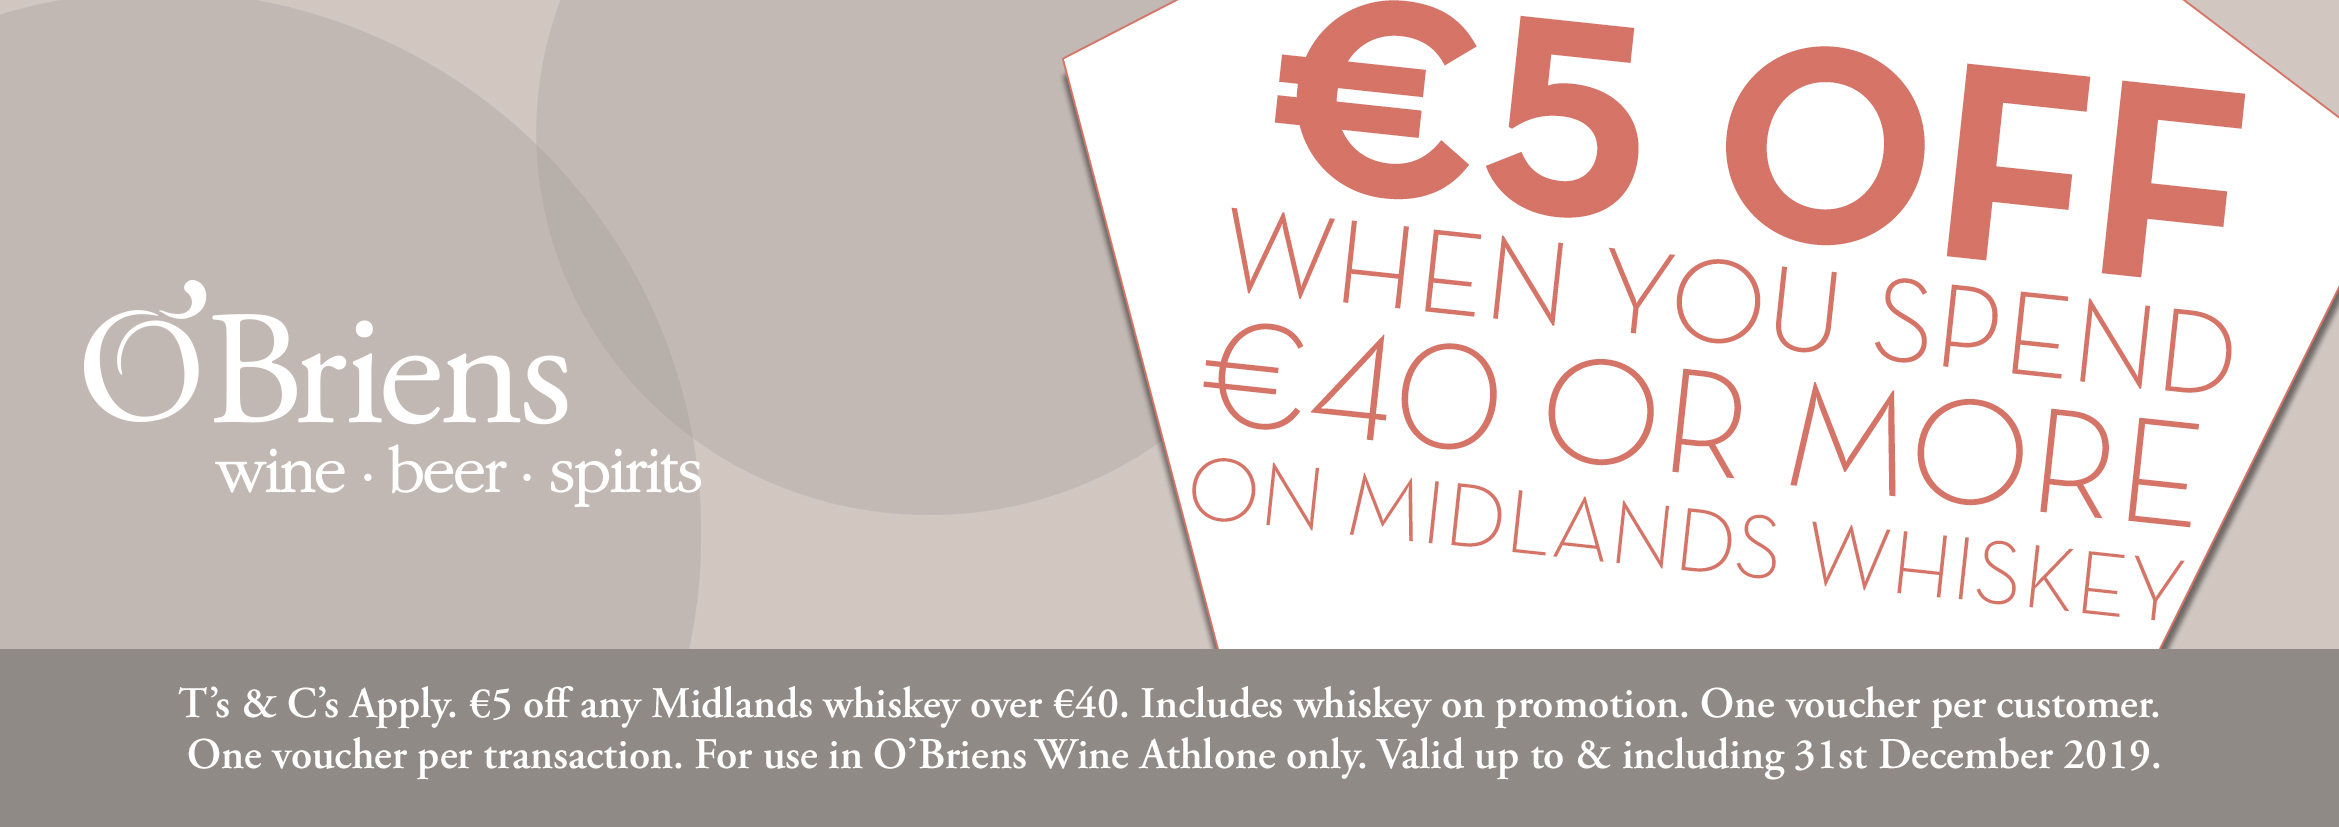 midlands-whiskey-athlone-voucher.jpg